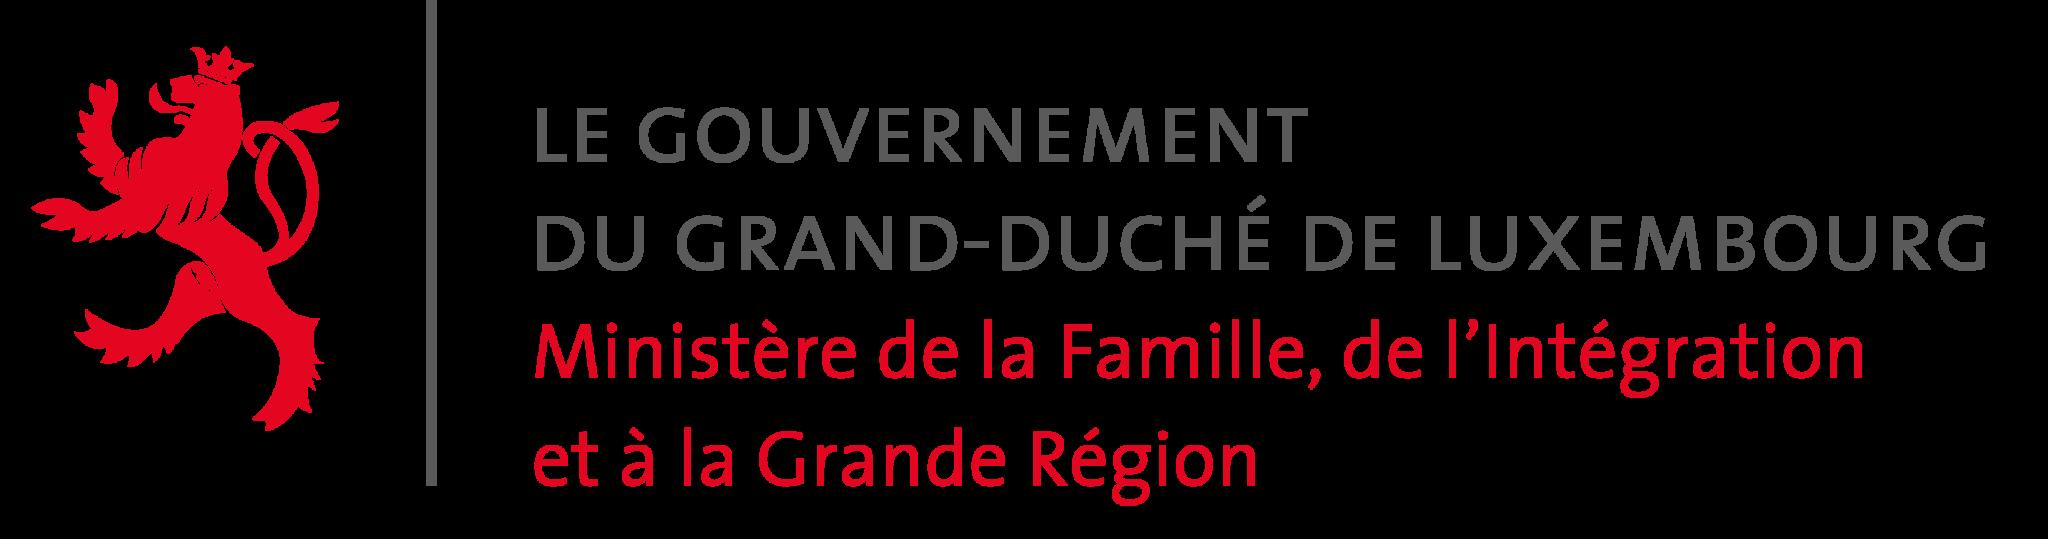 Ministère de la Famille, l'Intégration et à la Grand Région